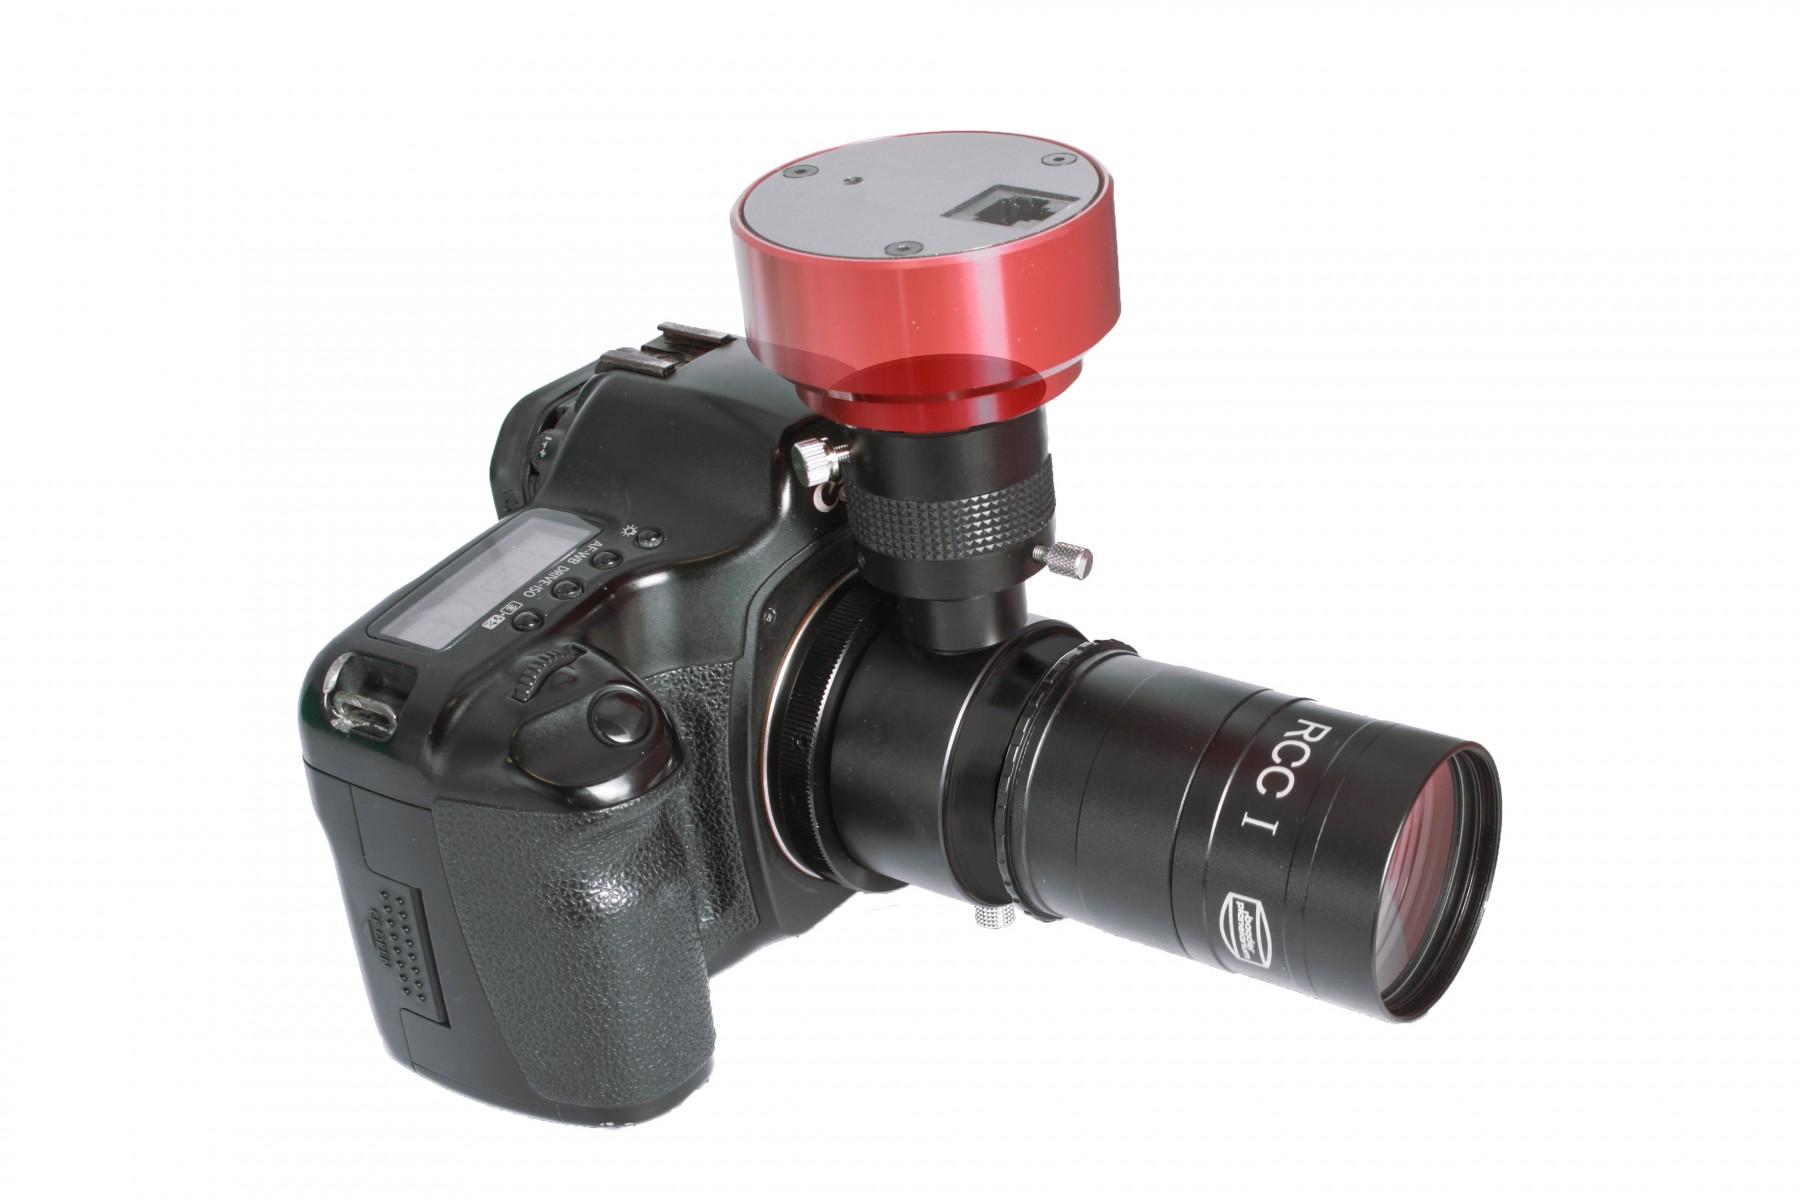 Anwendungsbeispiel: Canon EOS DSLR mit RCC Off Axis Guider, LVI Smartguider (nicht mehr erhältlich) und RCC Coma Corrector